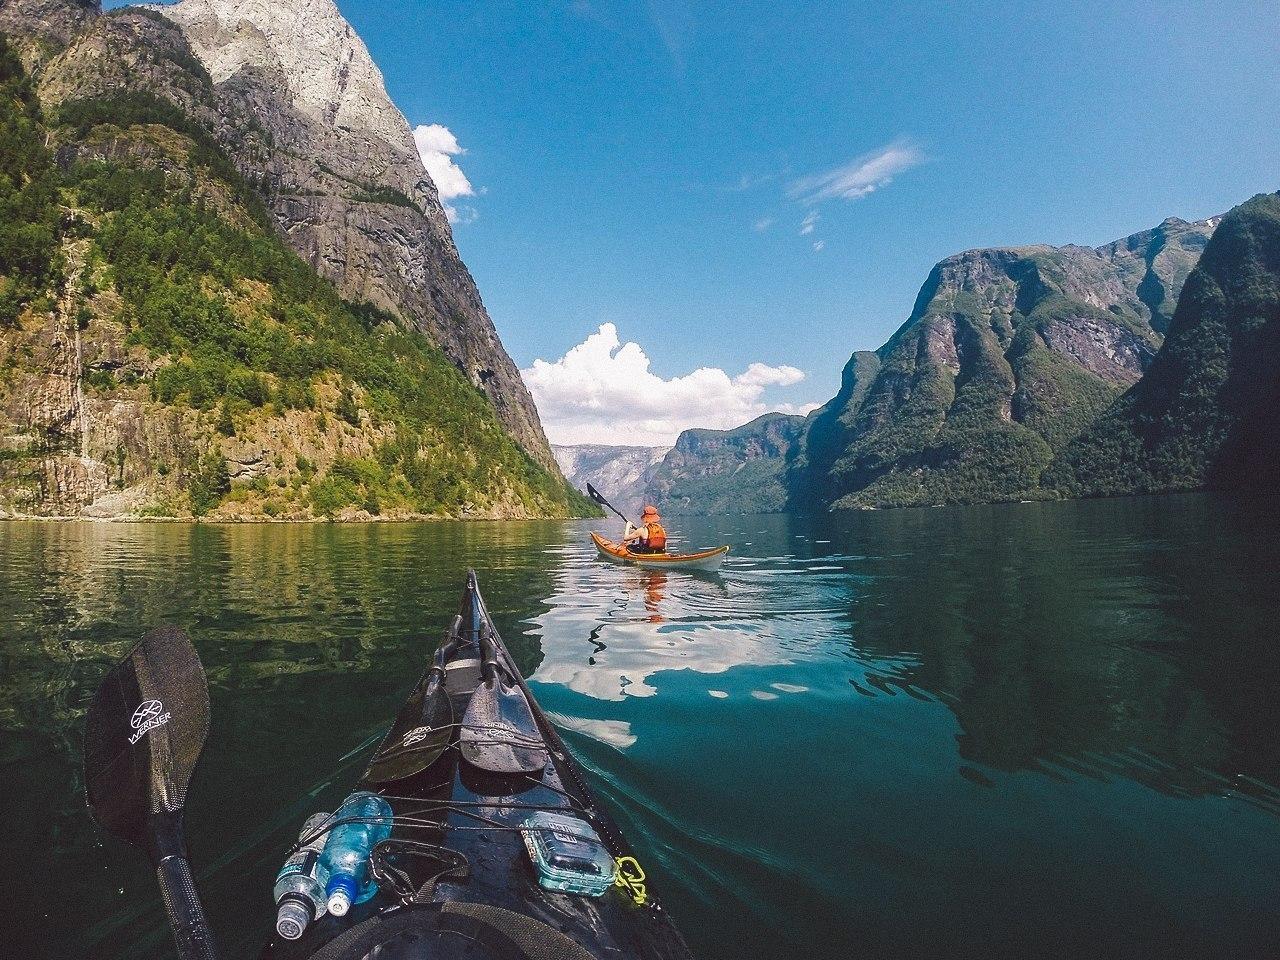 cBxvF0uDCRc - Норвегия - страна холодной красоты